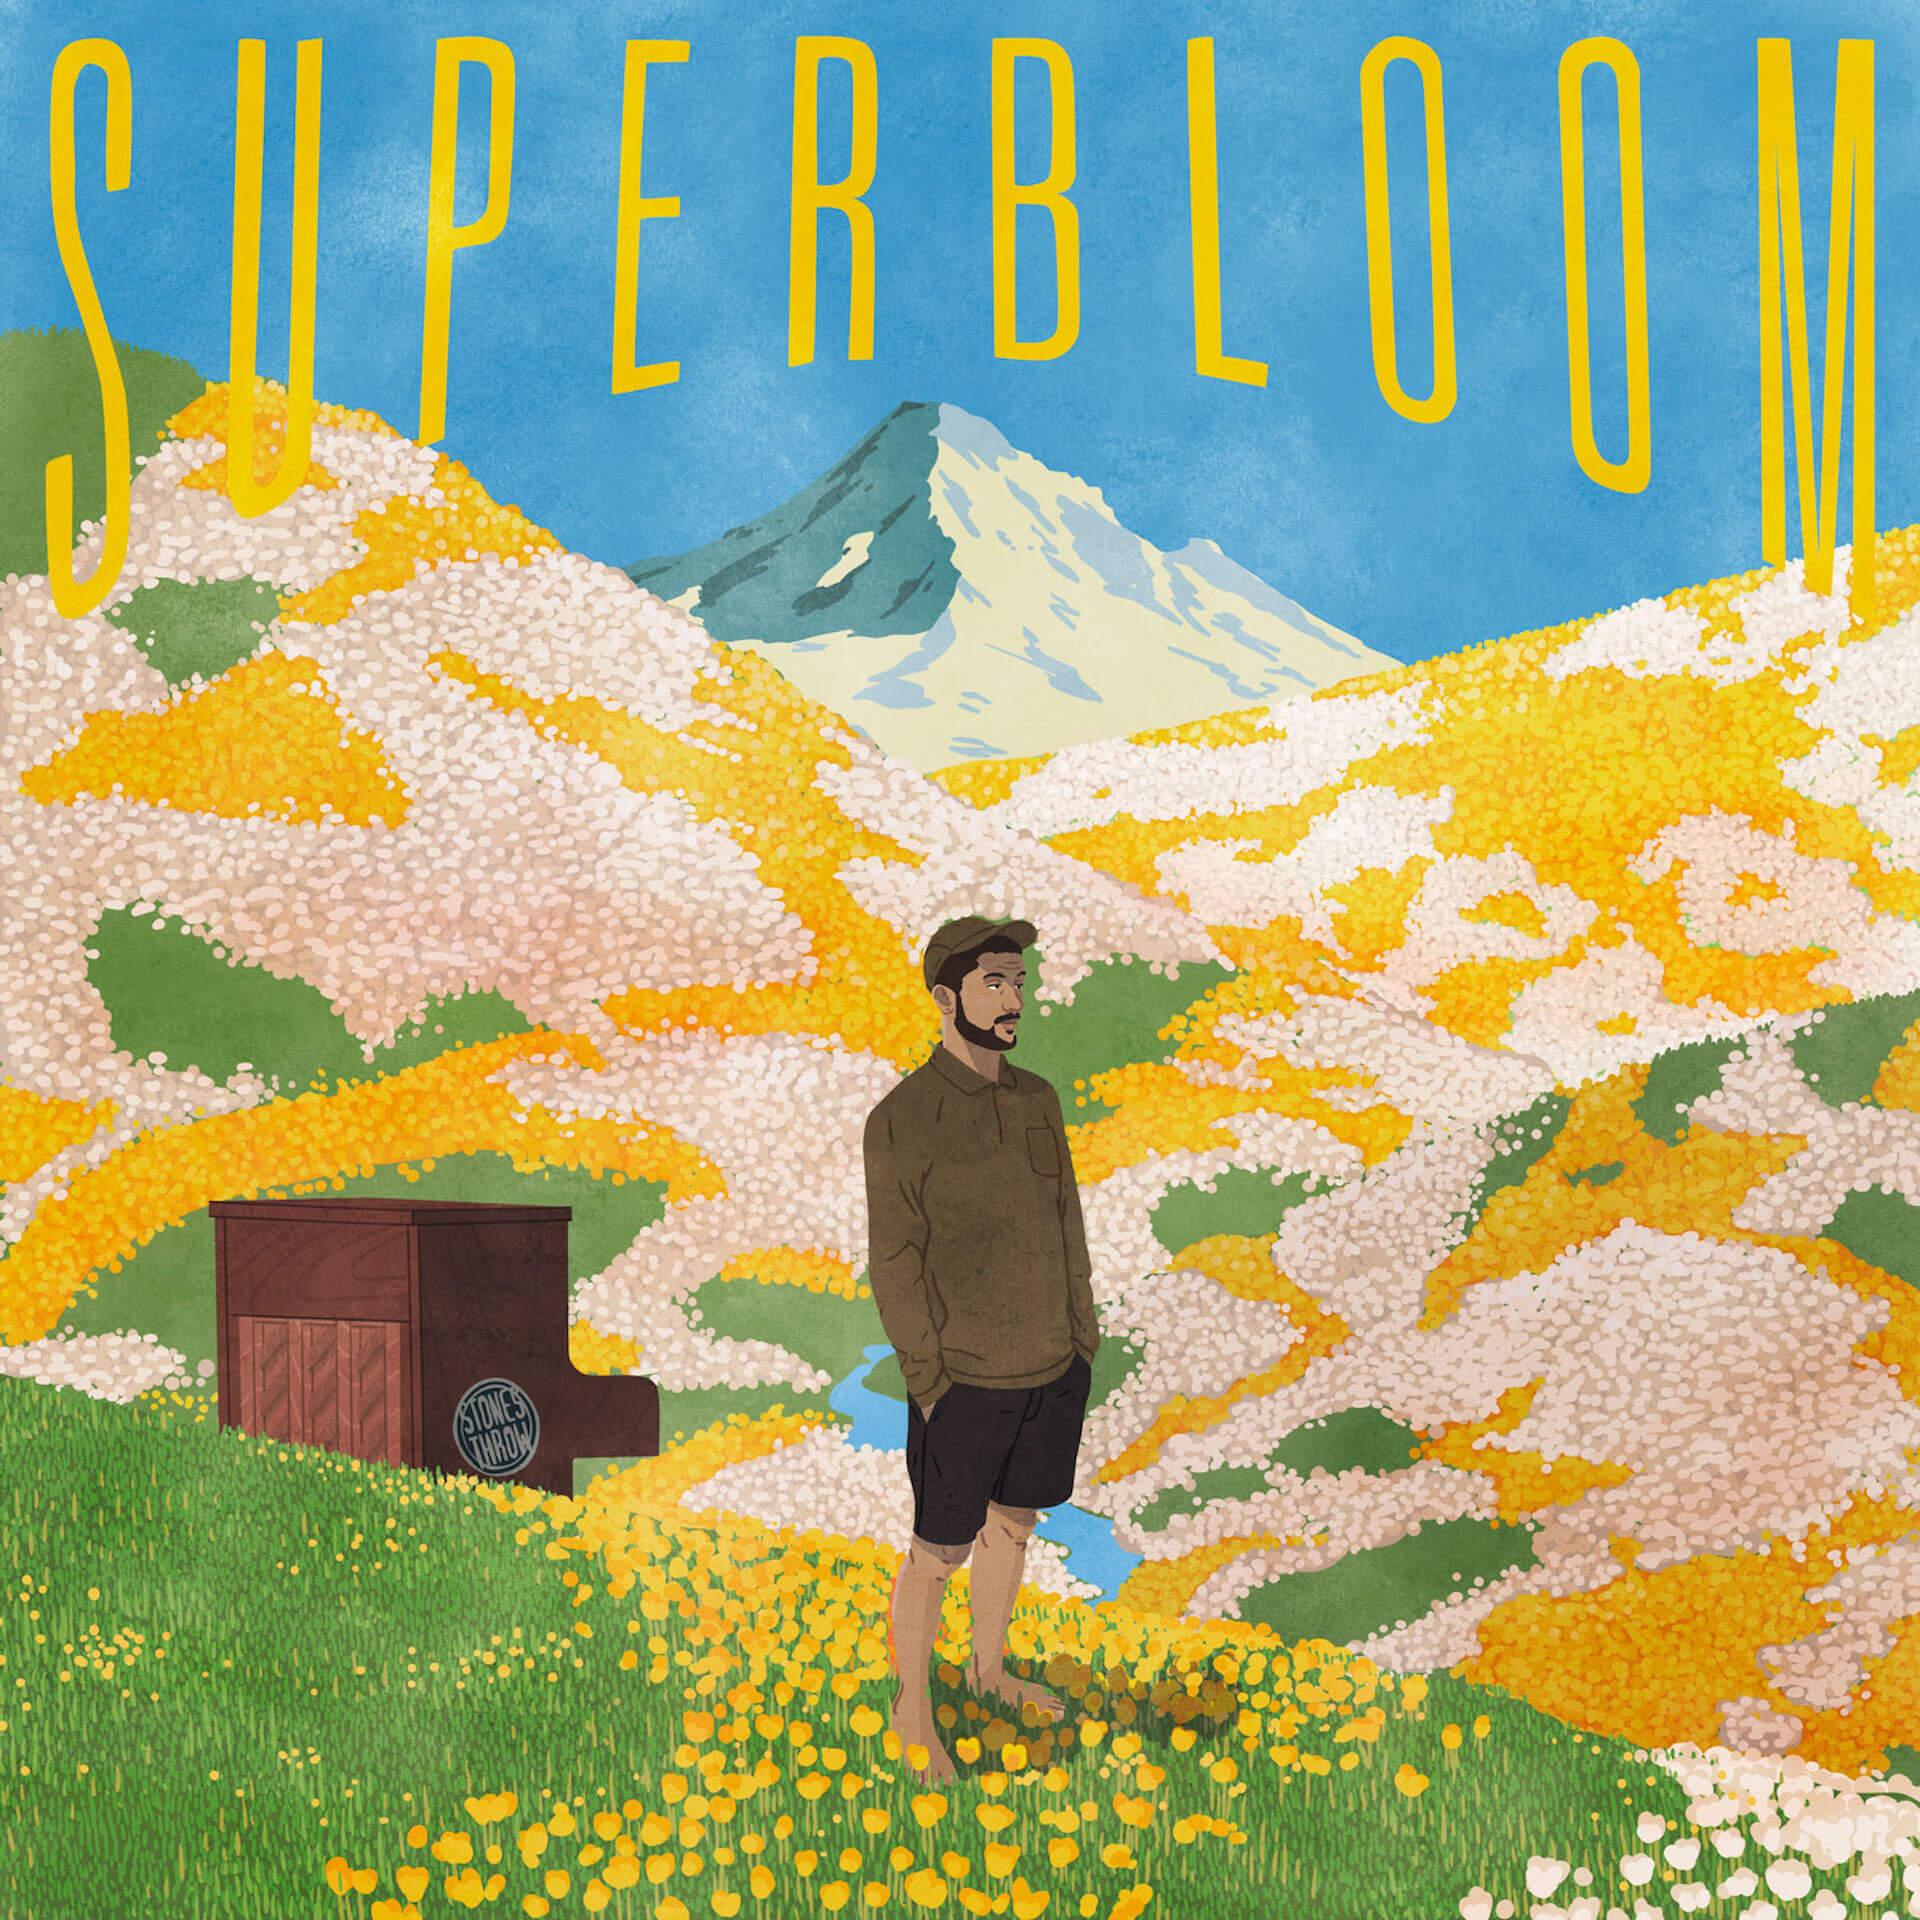 Kieferがニューアルバム『Superbloom』を〈Stones Throw〉からリリース|10月中旬から初来日ツアーで朝霧JAMなどに出演 music190919-kiefer-3